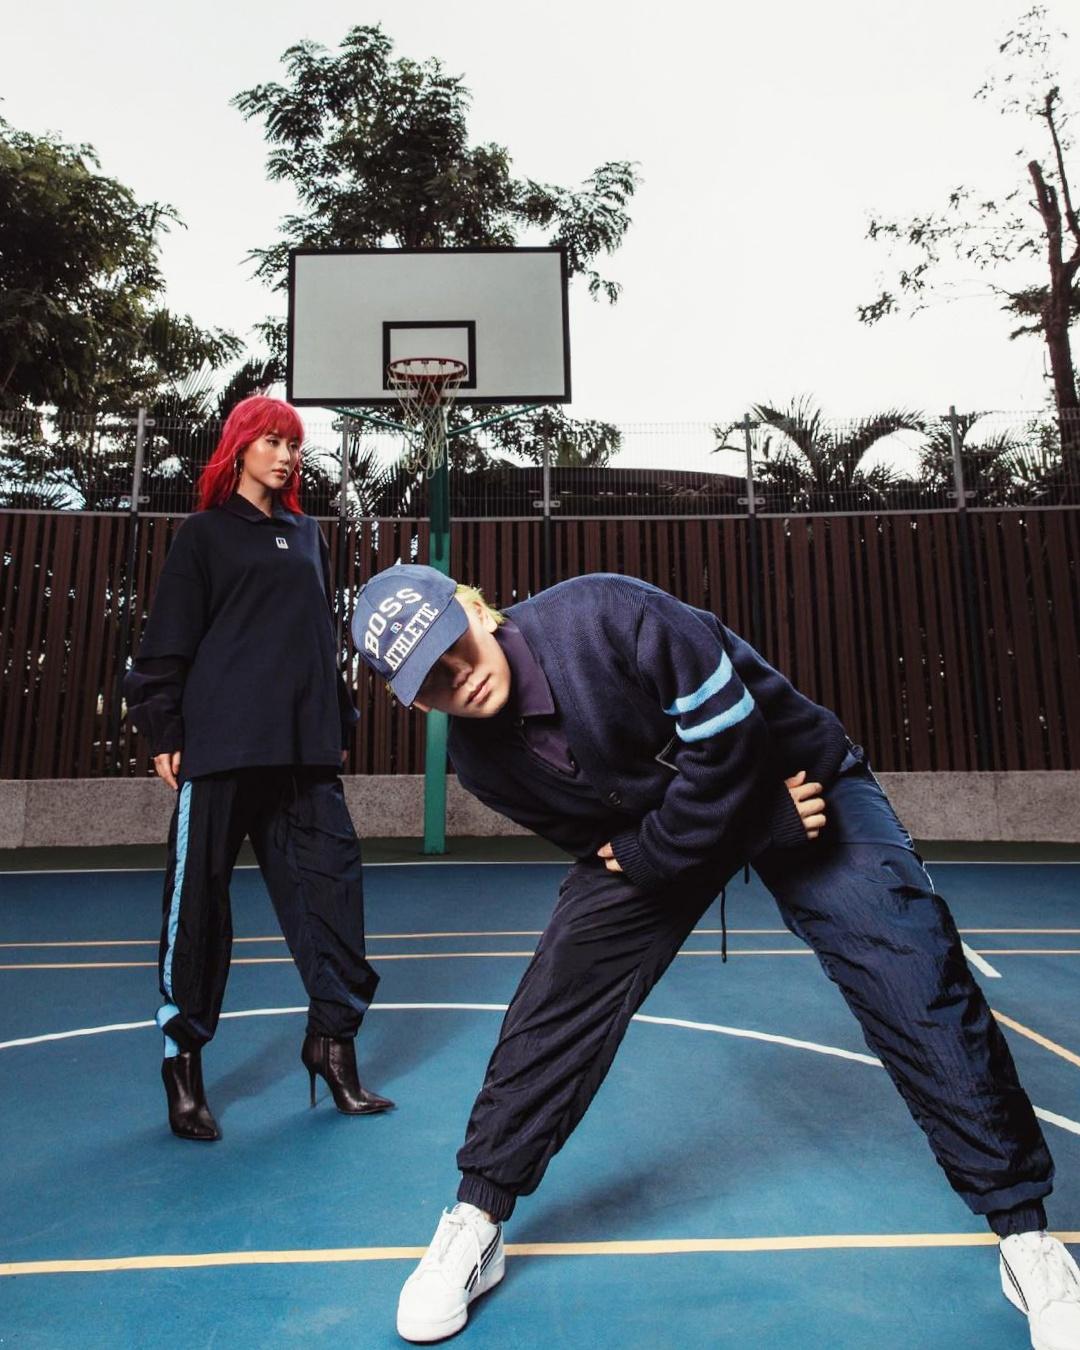 Tuần qua, màn đụng áo cardigan dảng rộng màu xanh navy của Phạm Bảo Luận, Monsimi và Nam Phùng - stylist của Quỳnh Anh Shyn - thu hút sự chú ý của khán giả. Nhiều người nhanh chóng tìm ra thông tin chiếc áo qua logo BOSS và chữ R nổi bật.Sản phẩm nằm BST kết hợp của thương hiệu BOSS và Russell Athletic, giá khoảng 12 triệu đồng. Nhiều tín đồ thời trang nhận xét thiết kế trẻ trung và hiện đại so với BOSS - nhà mốt vốn nổi tiếng với những bộ suit lịch thiệp, chững chạc.